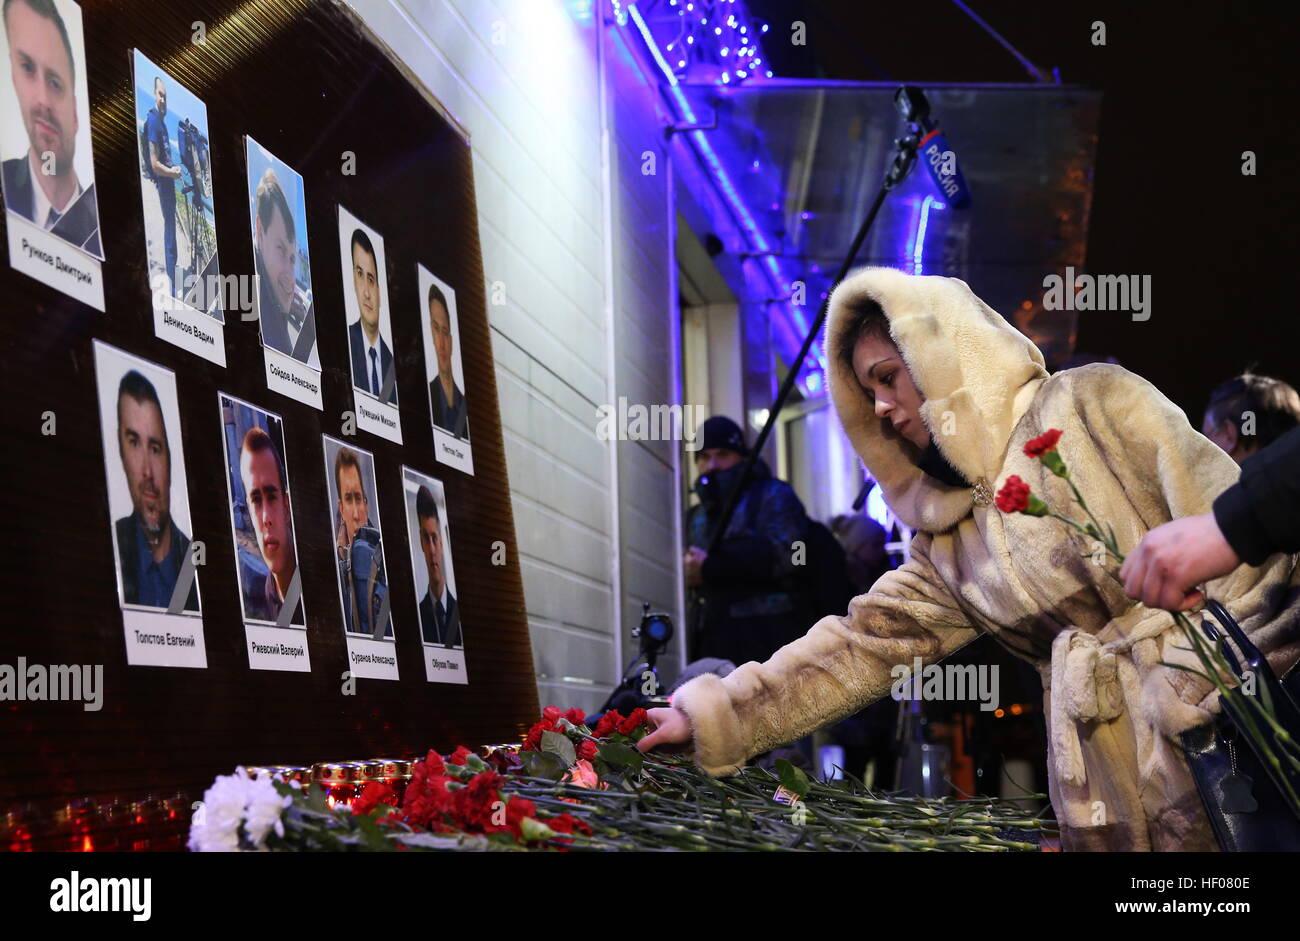 Moscou, Russie. Dec 25, 2016. Des photographies de la première chaîne, les chaînes de télévision Photo Stock